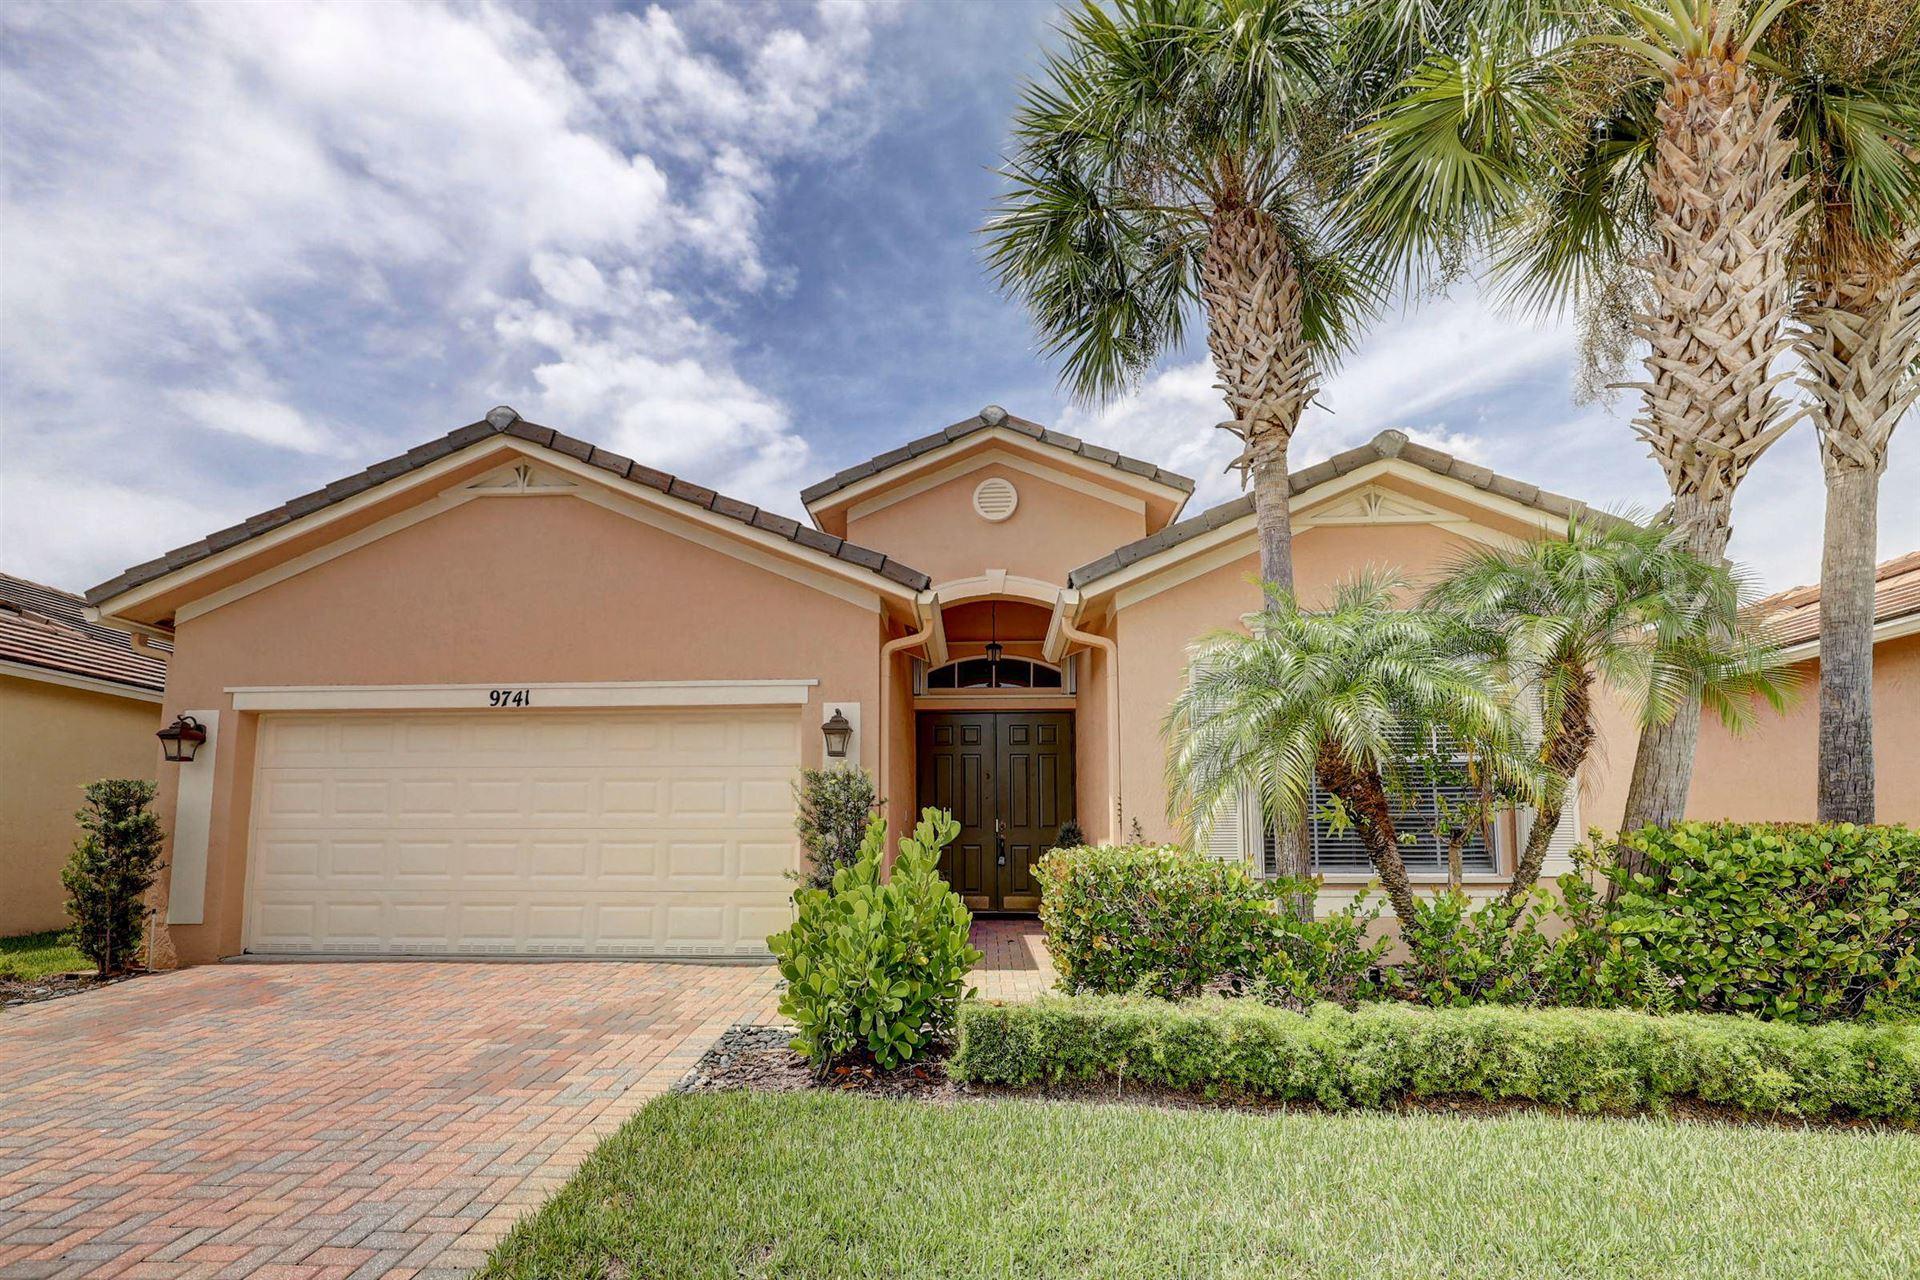 9741 SW Glenbrook Drive, Port Saint Lucie, FL 34987 - #: RX-10649589